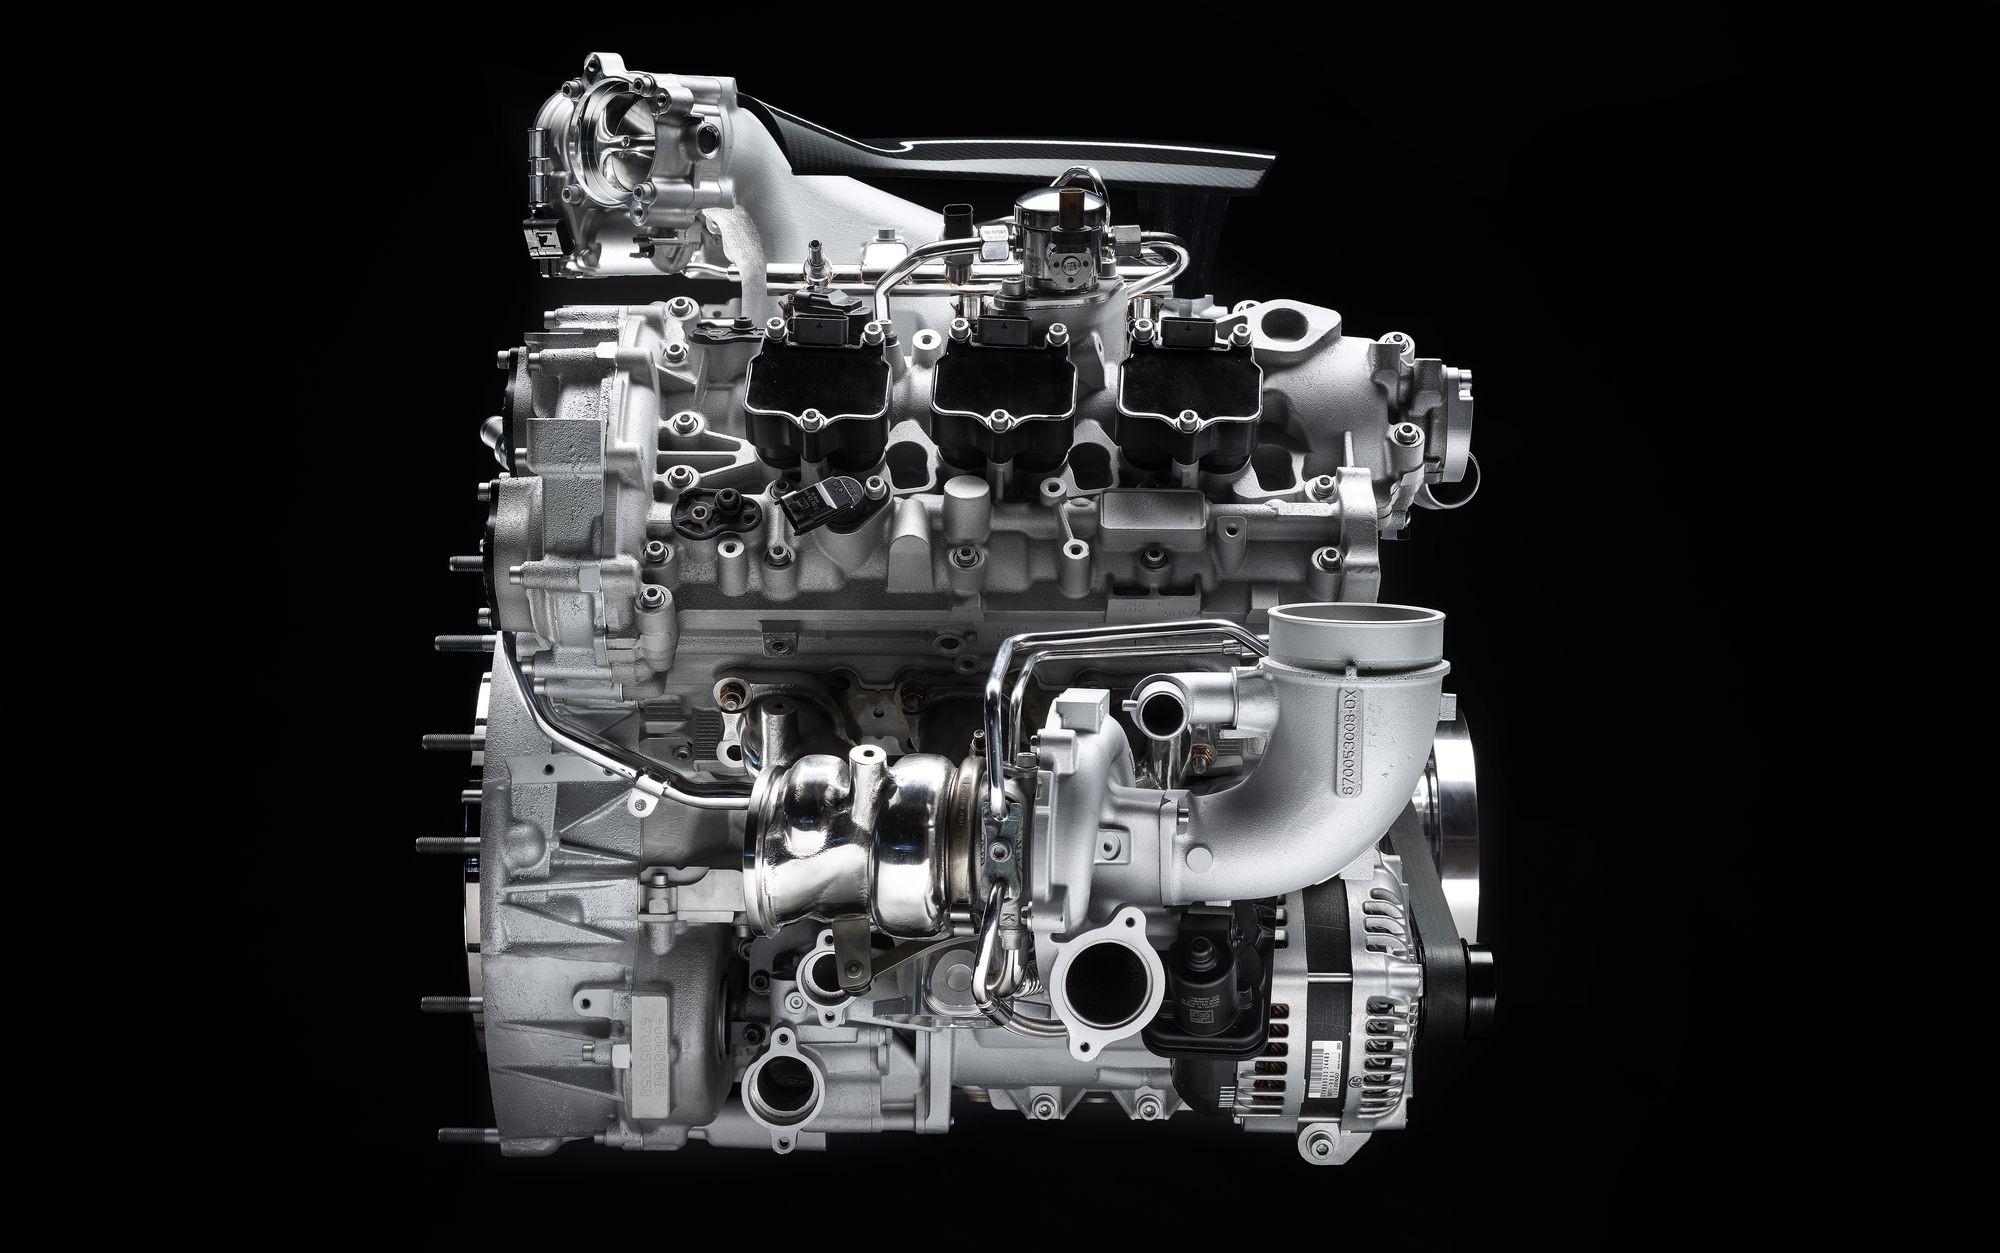 Новый двигатель Maserati V6: «улитки» снаружи, форкамерное зажигание и 2 свечи на цилиндр